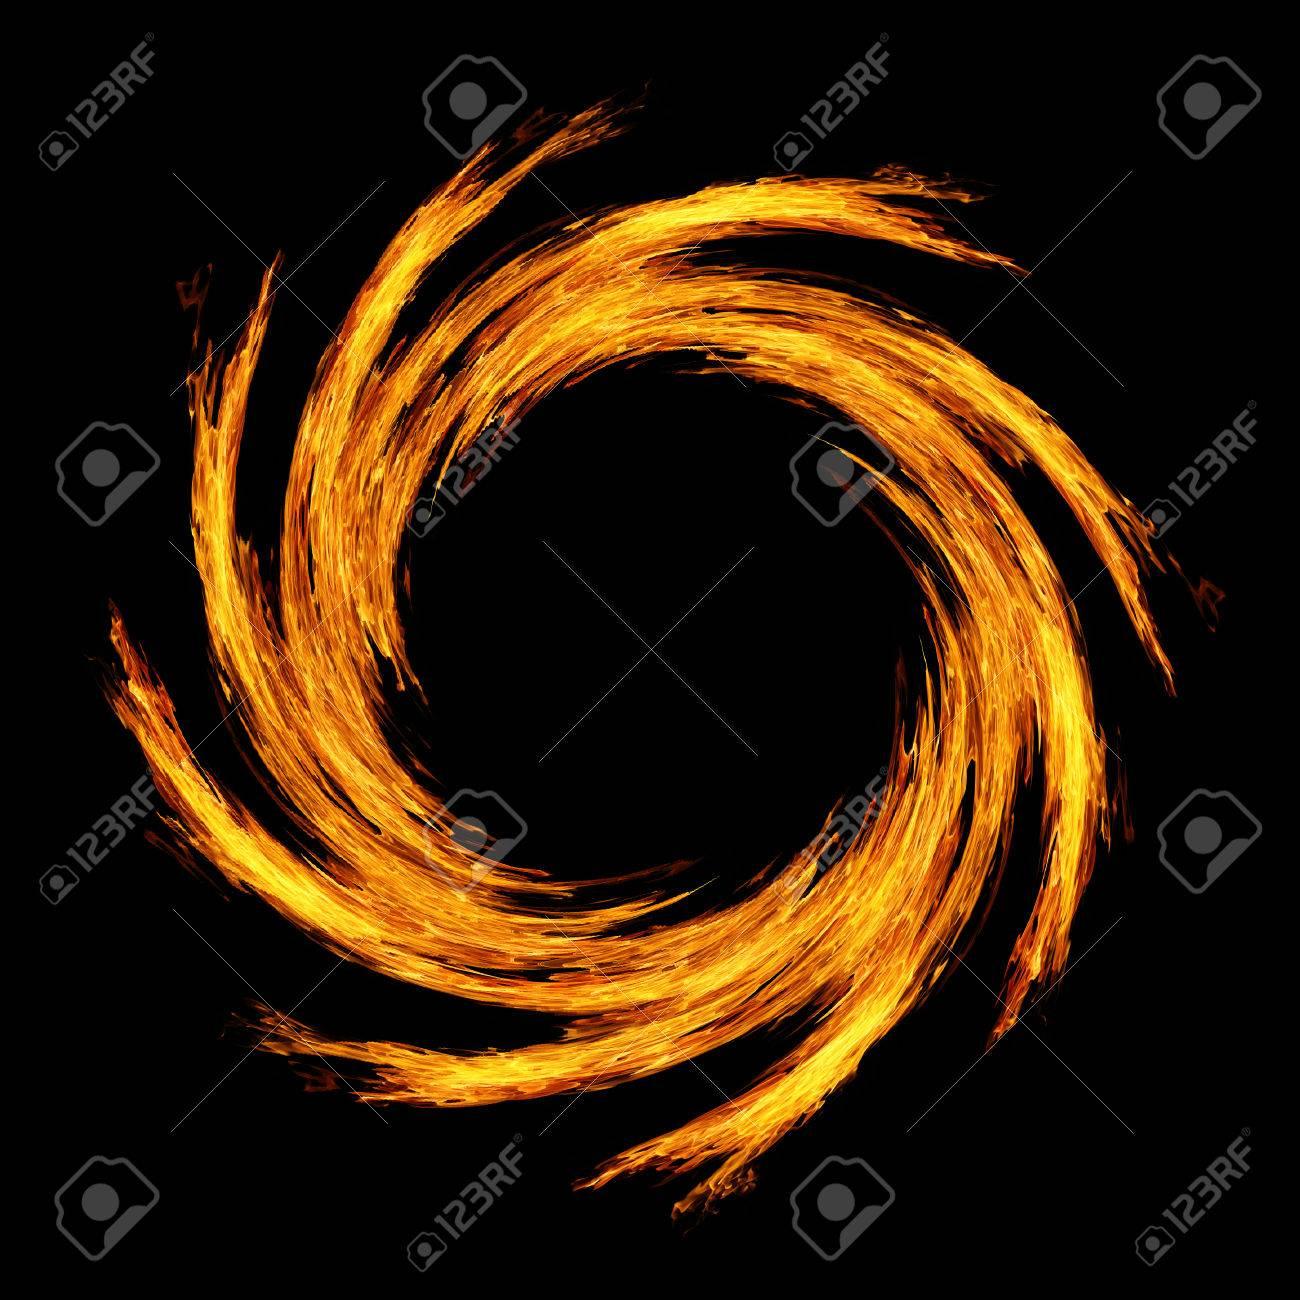 火輪は黒い背景に動きをクルクル...